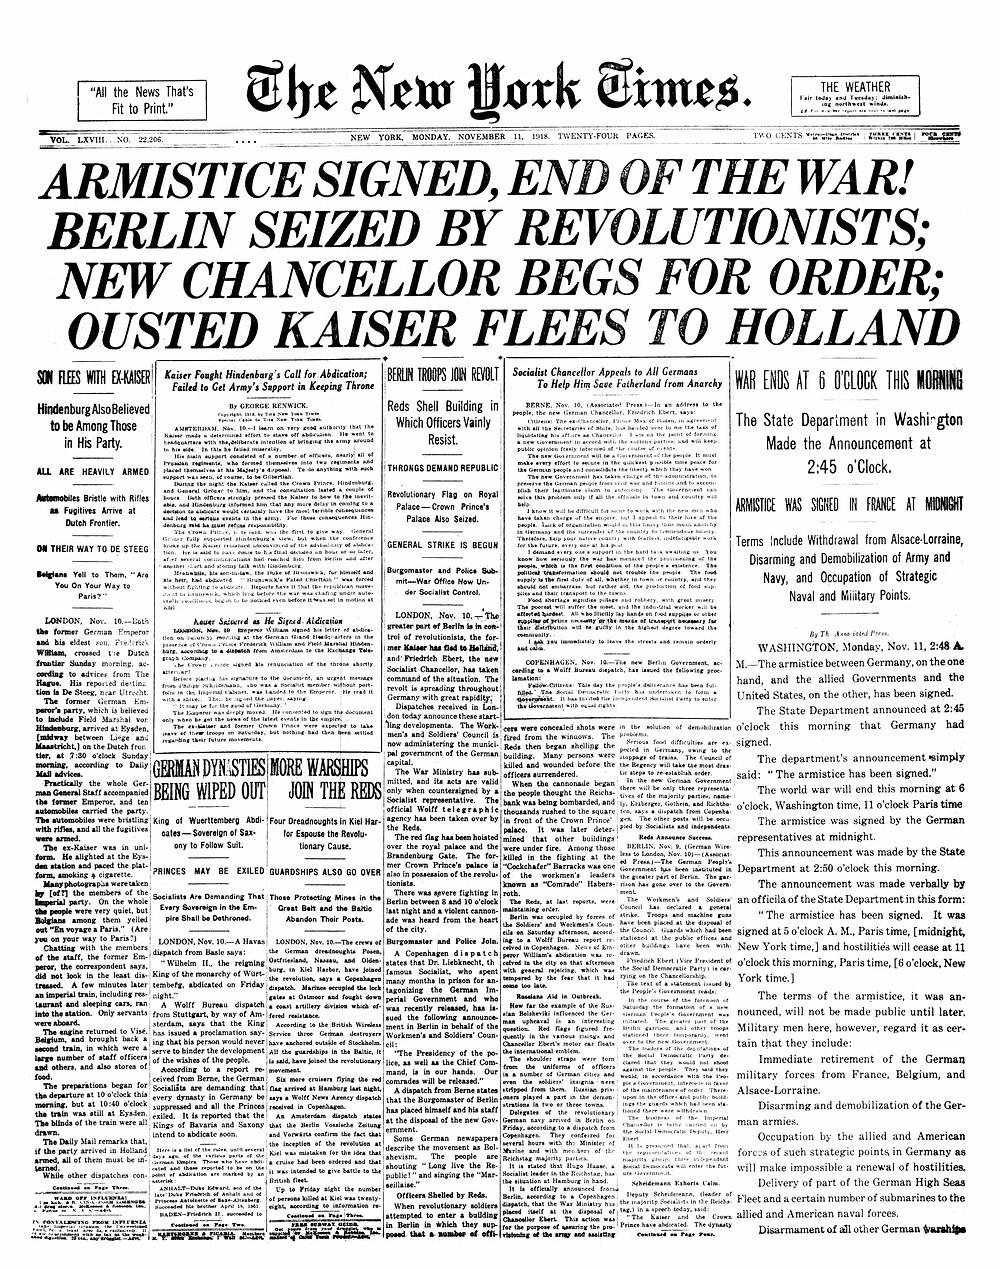 紐約時報1918年11月11日首頁關於康邊停戰協定的報導